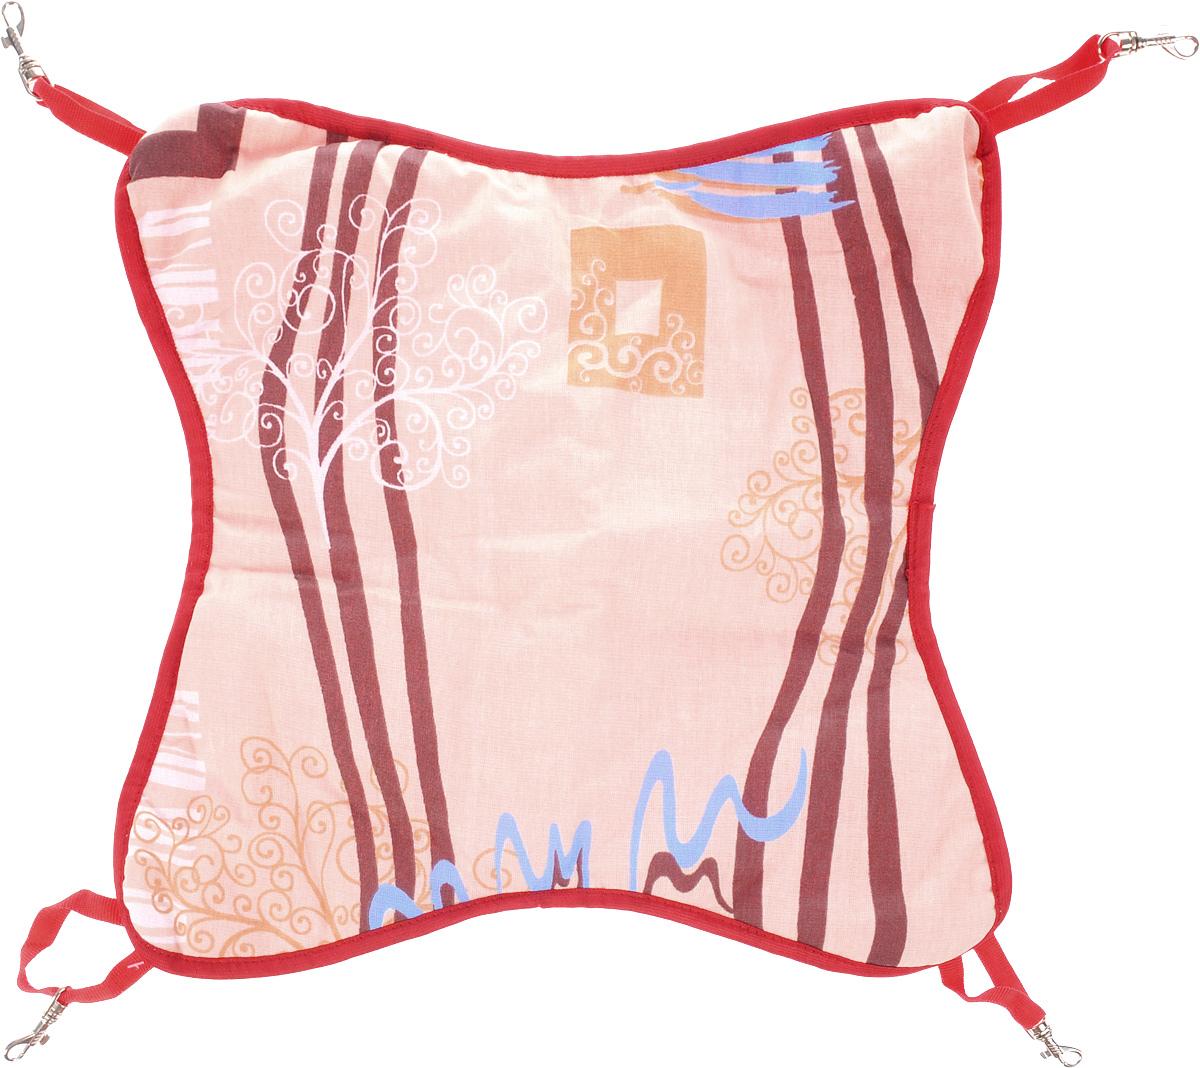 Гамак для шиншилл и хорьков ЗооМарк, подвесной, цвет: бежевый, коричневый, красный. Д-11 гамак кроватка для шиншилл и хорьков зоомарк подвесной цвет красный д 12к